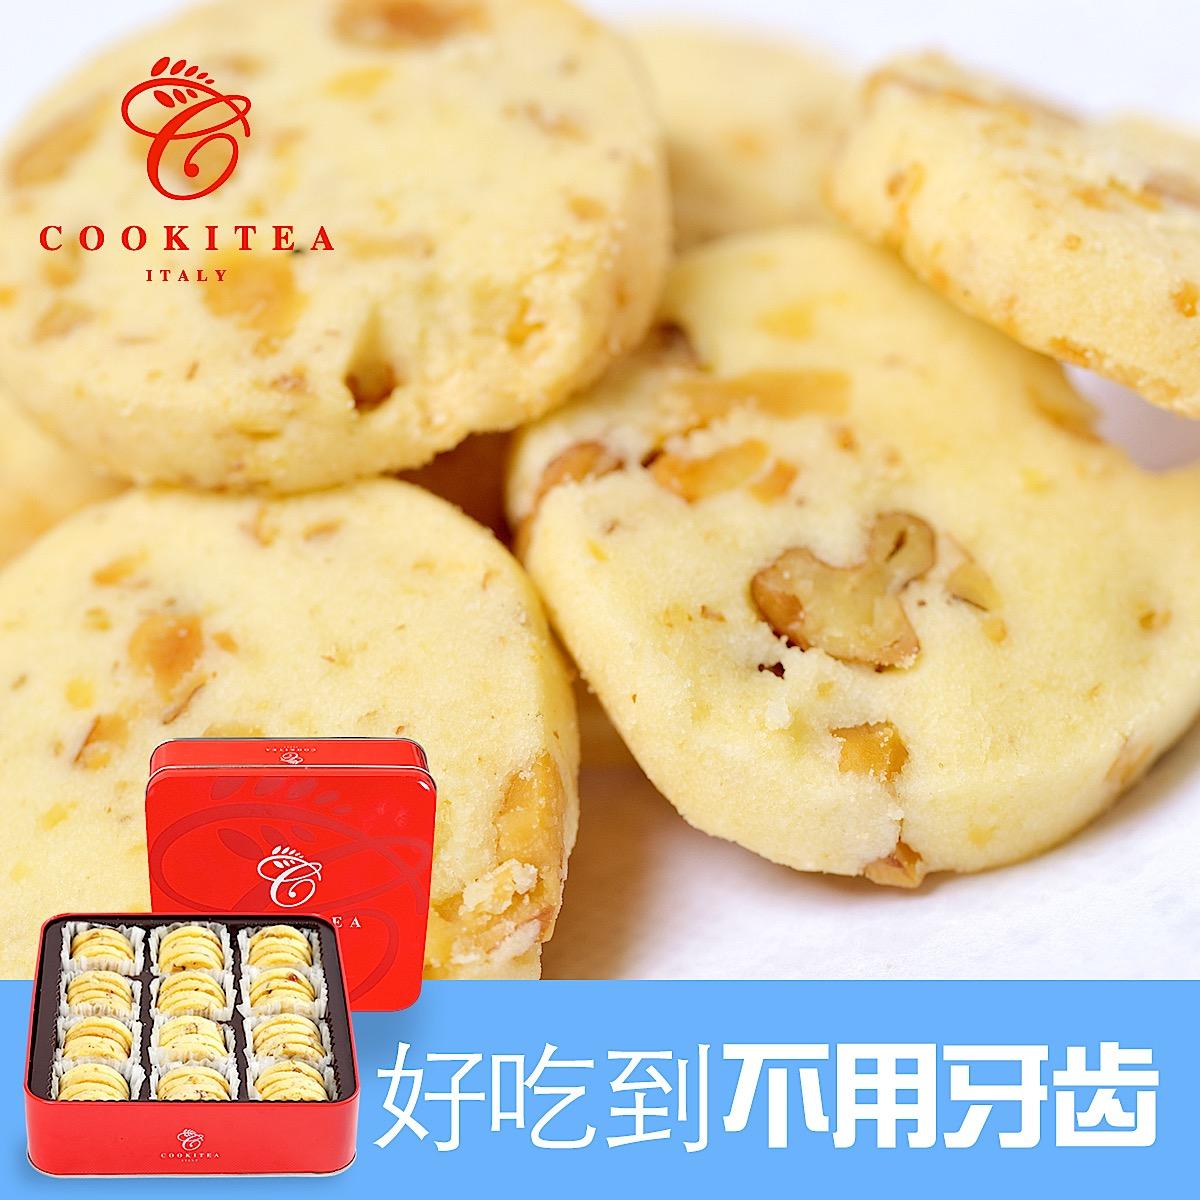 比斯缇 美国进口核桃曲奇饼干糕点 纯手工 现做无添加健康营养